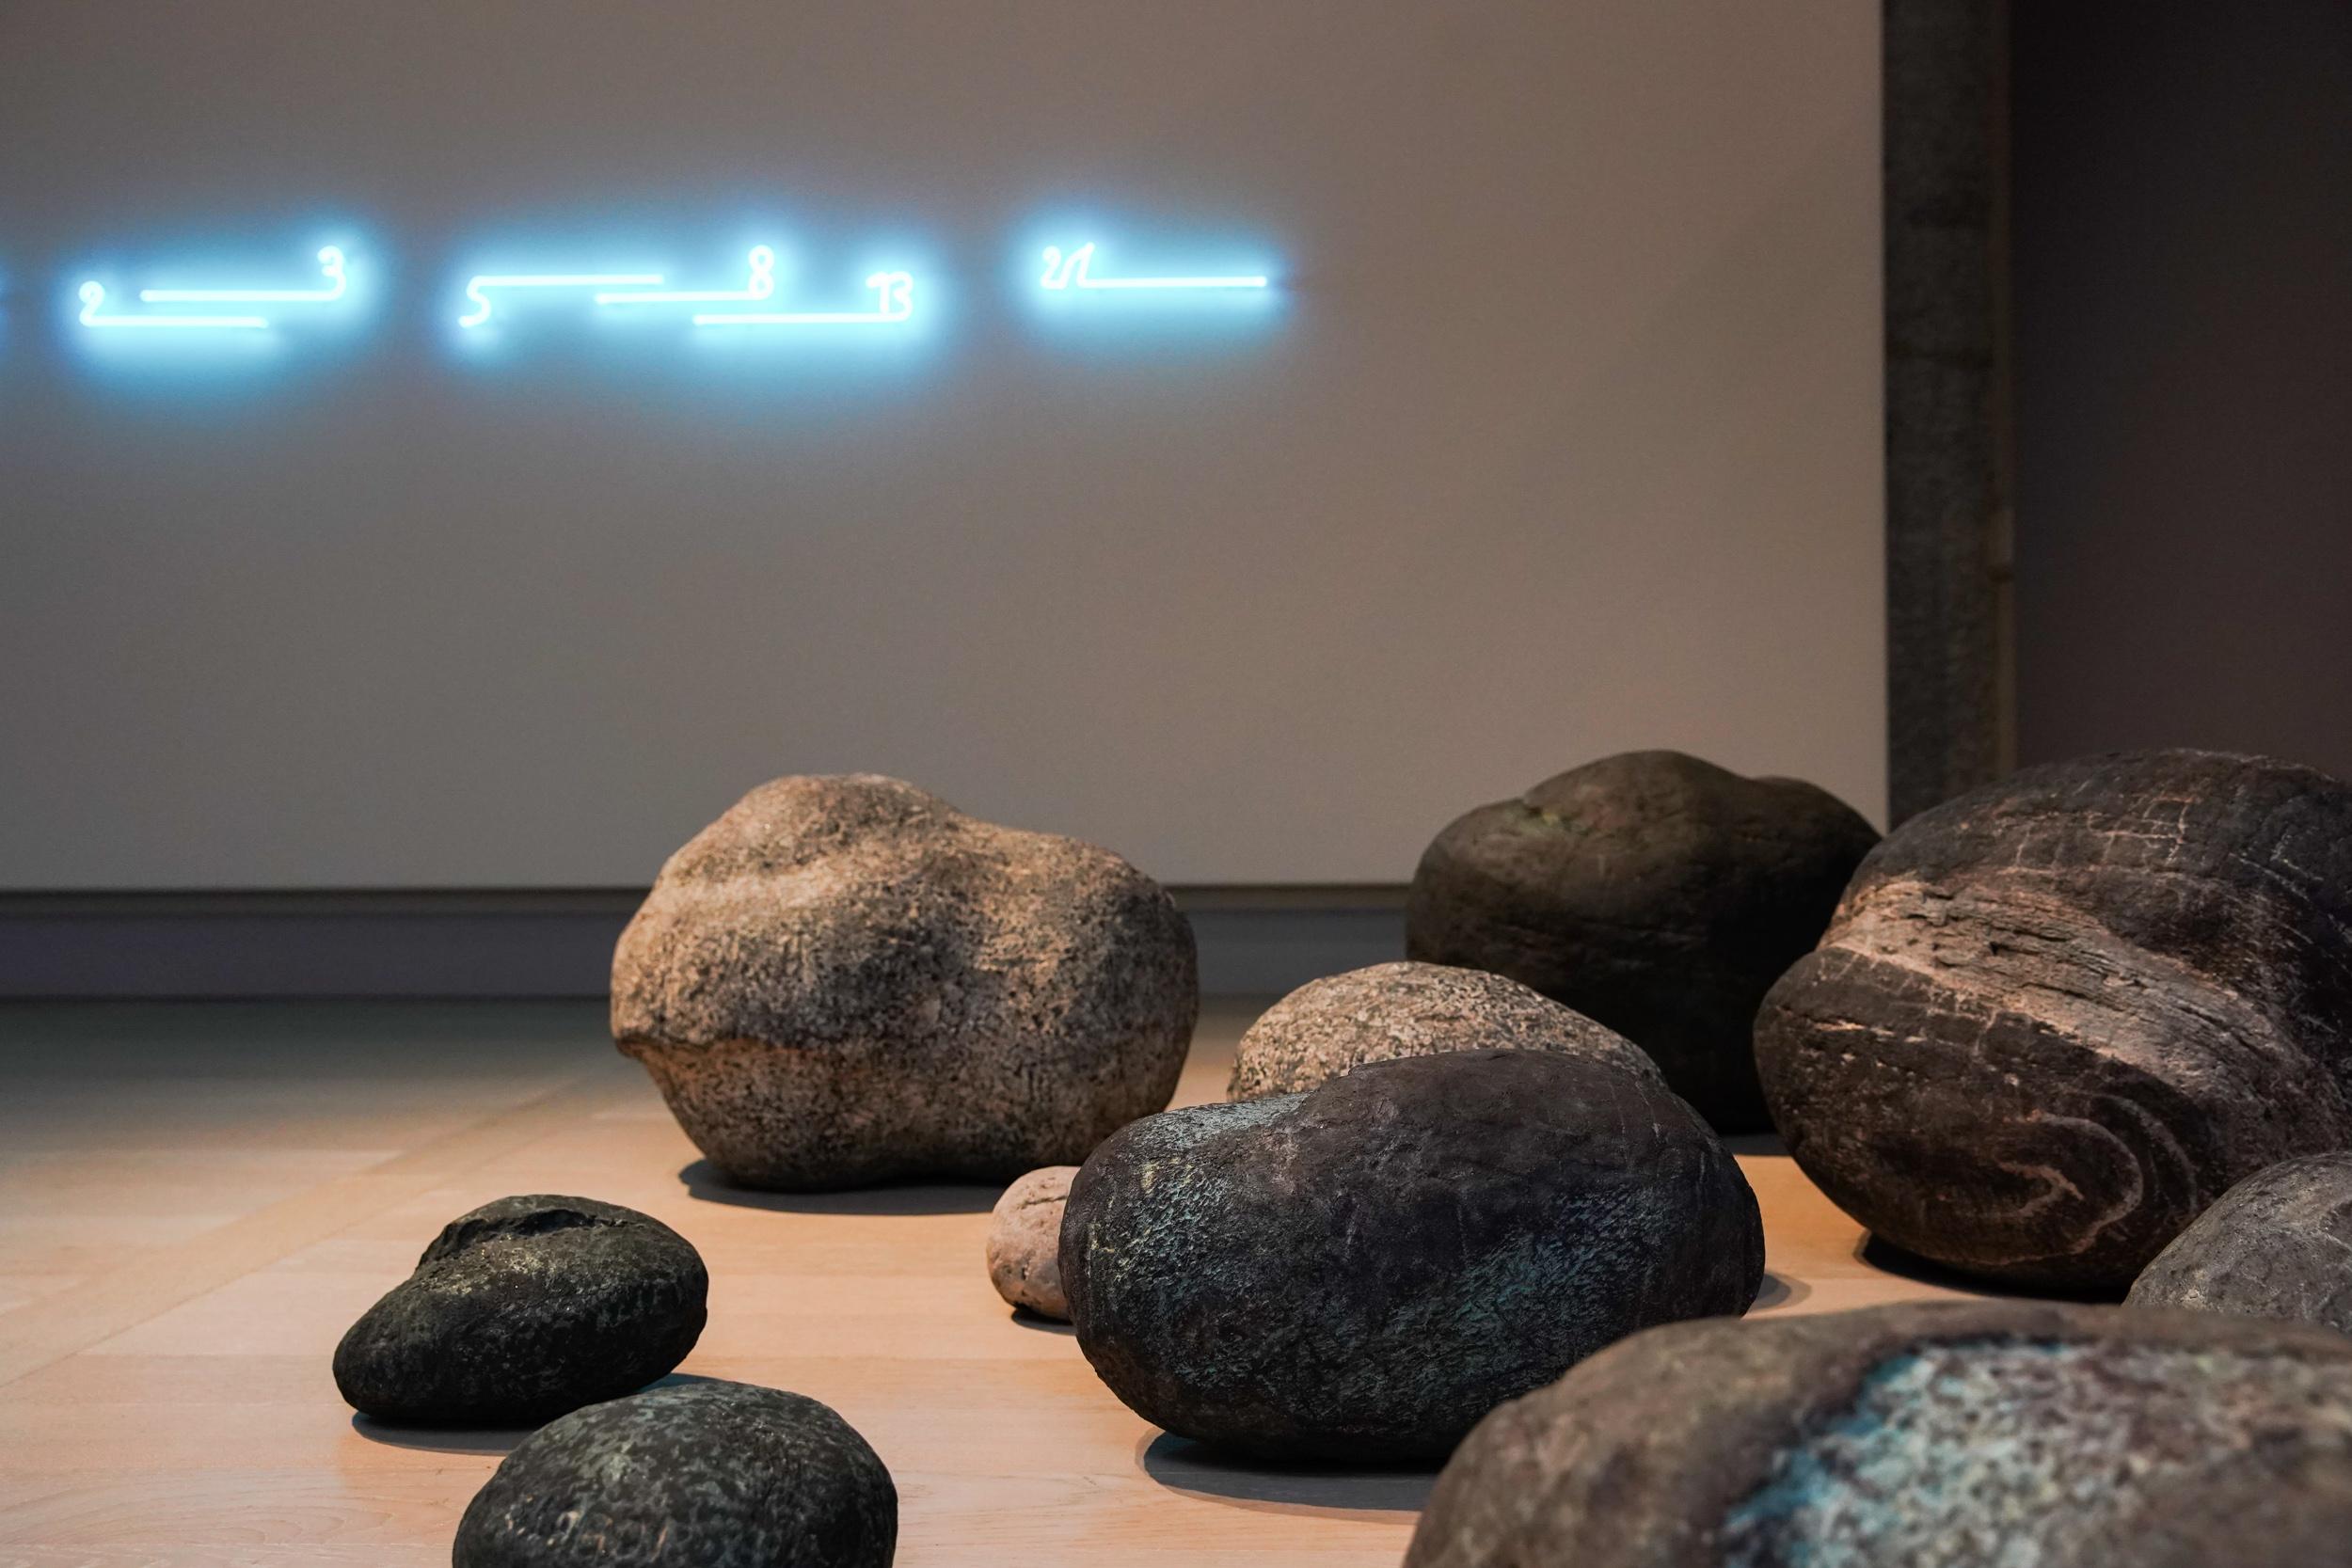 Arte come rivelazione. Mario Merz e Piero Gilardi